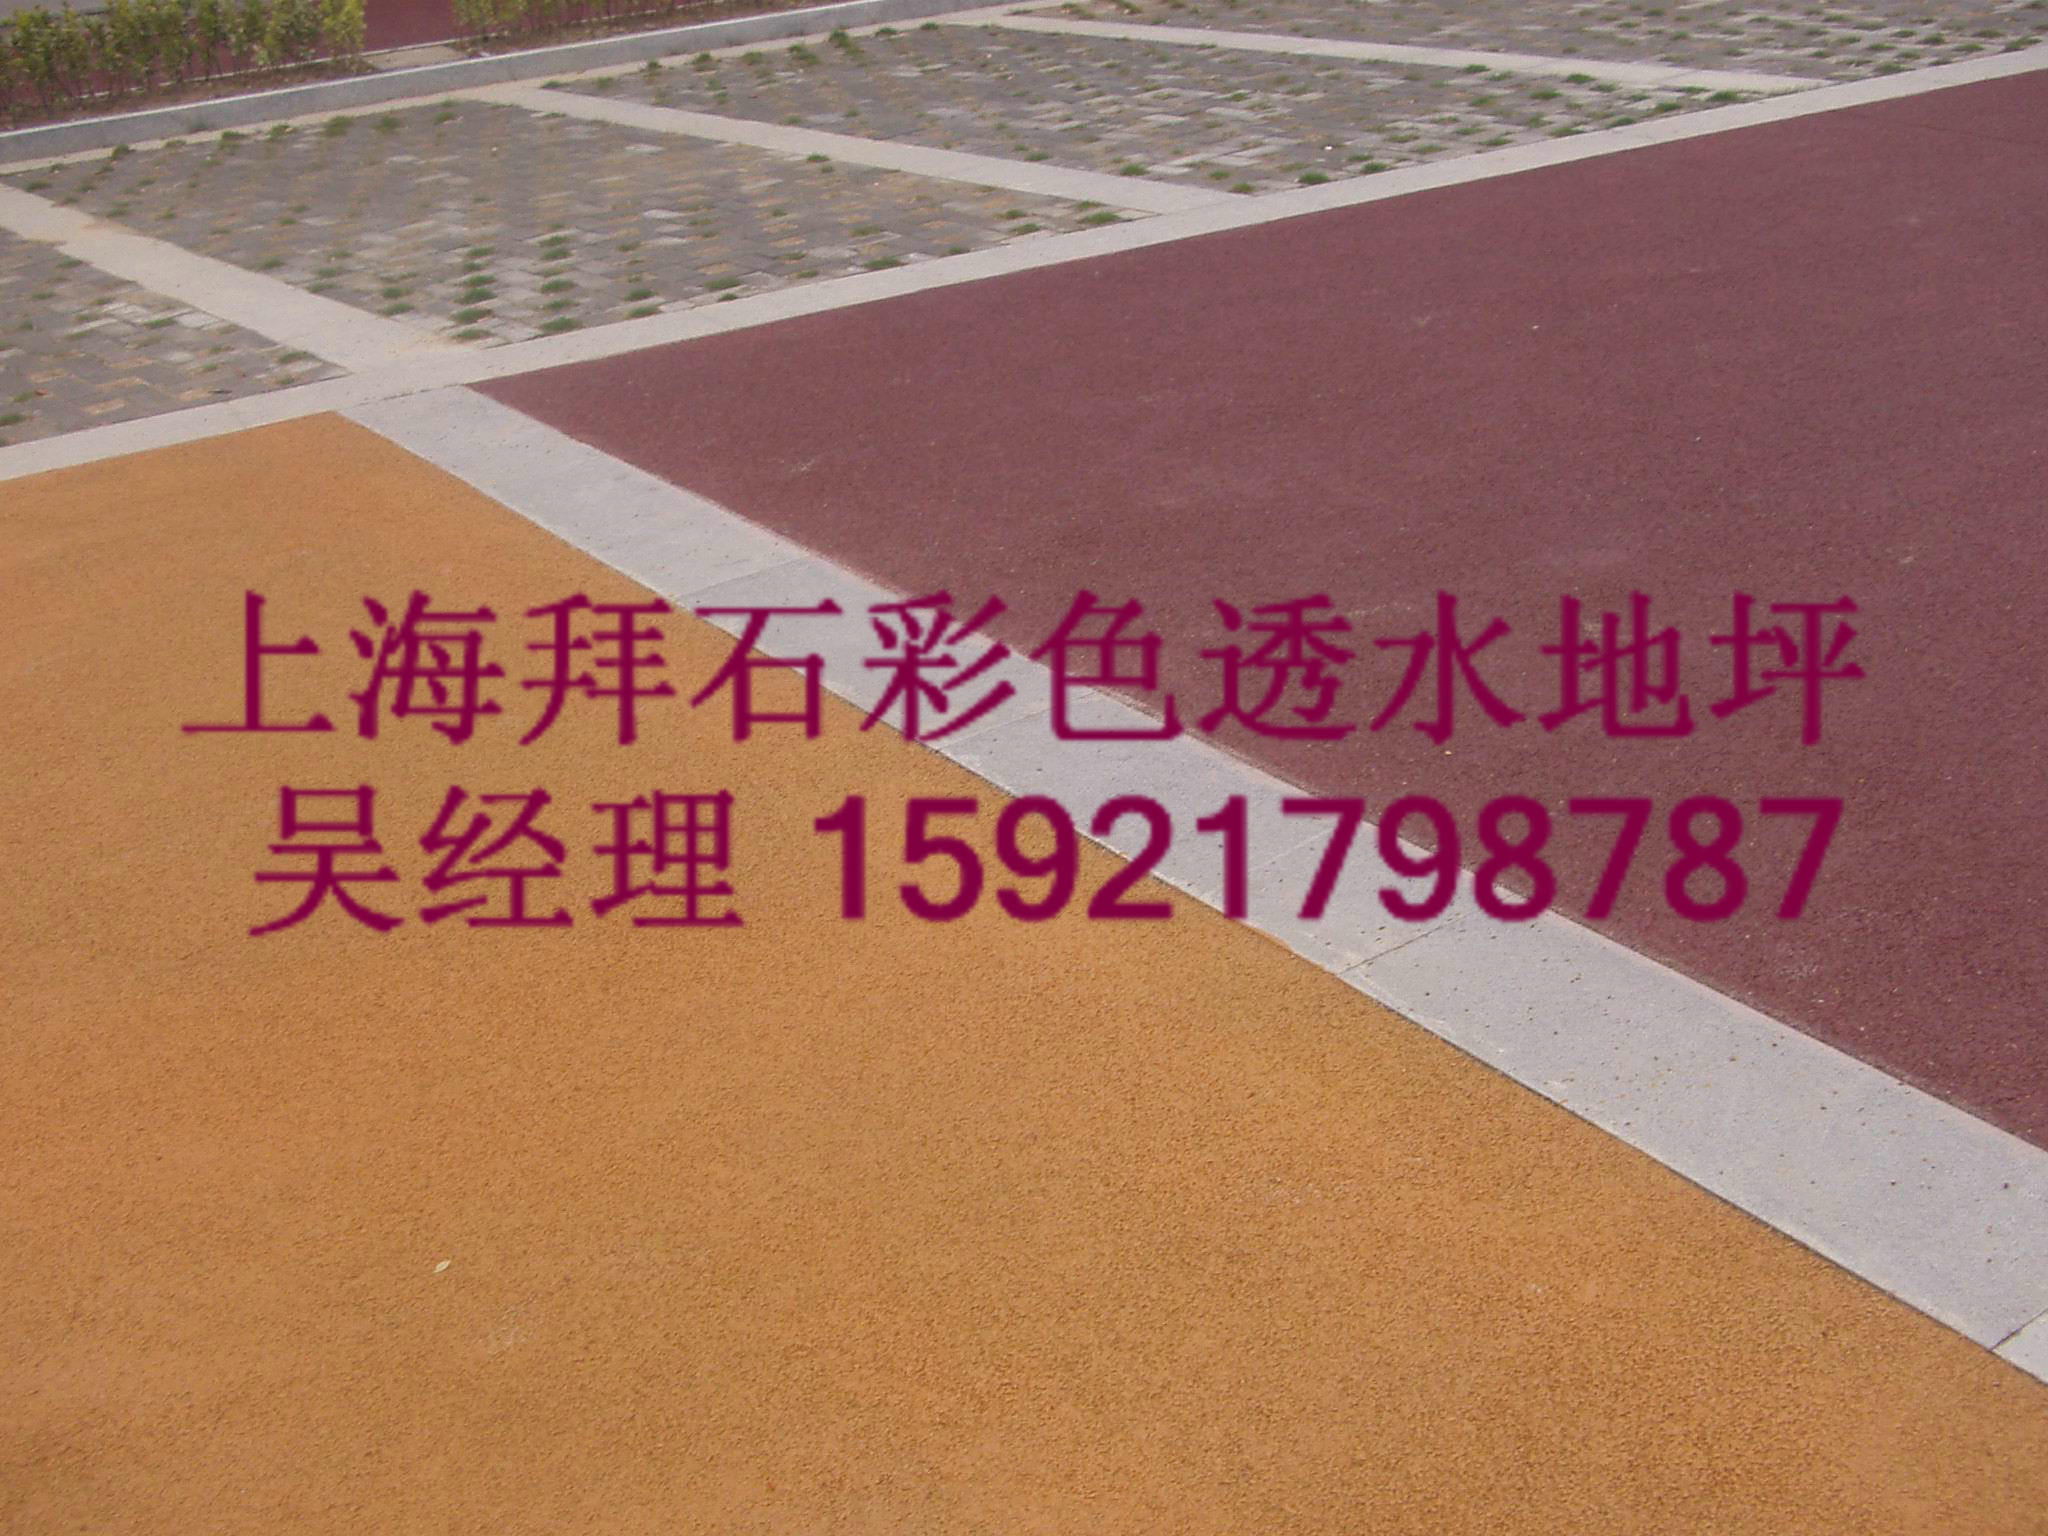 供应杭州深圳市政彩色透水地坪-透水混凝土